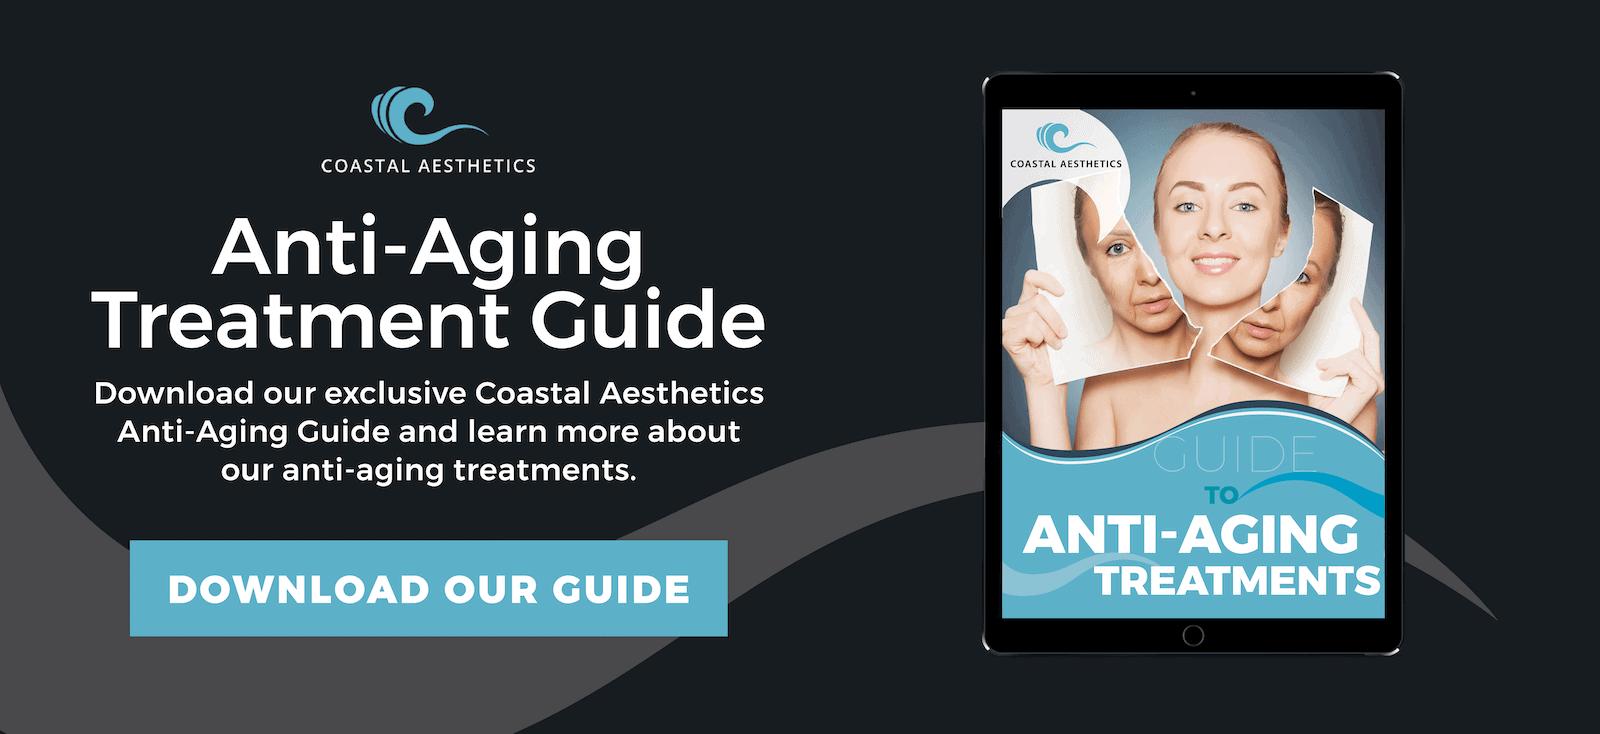 Anti-Aging Guide CTA